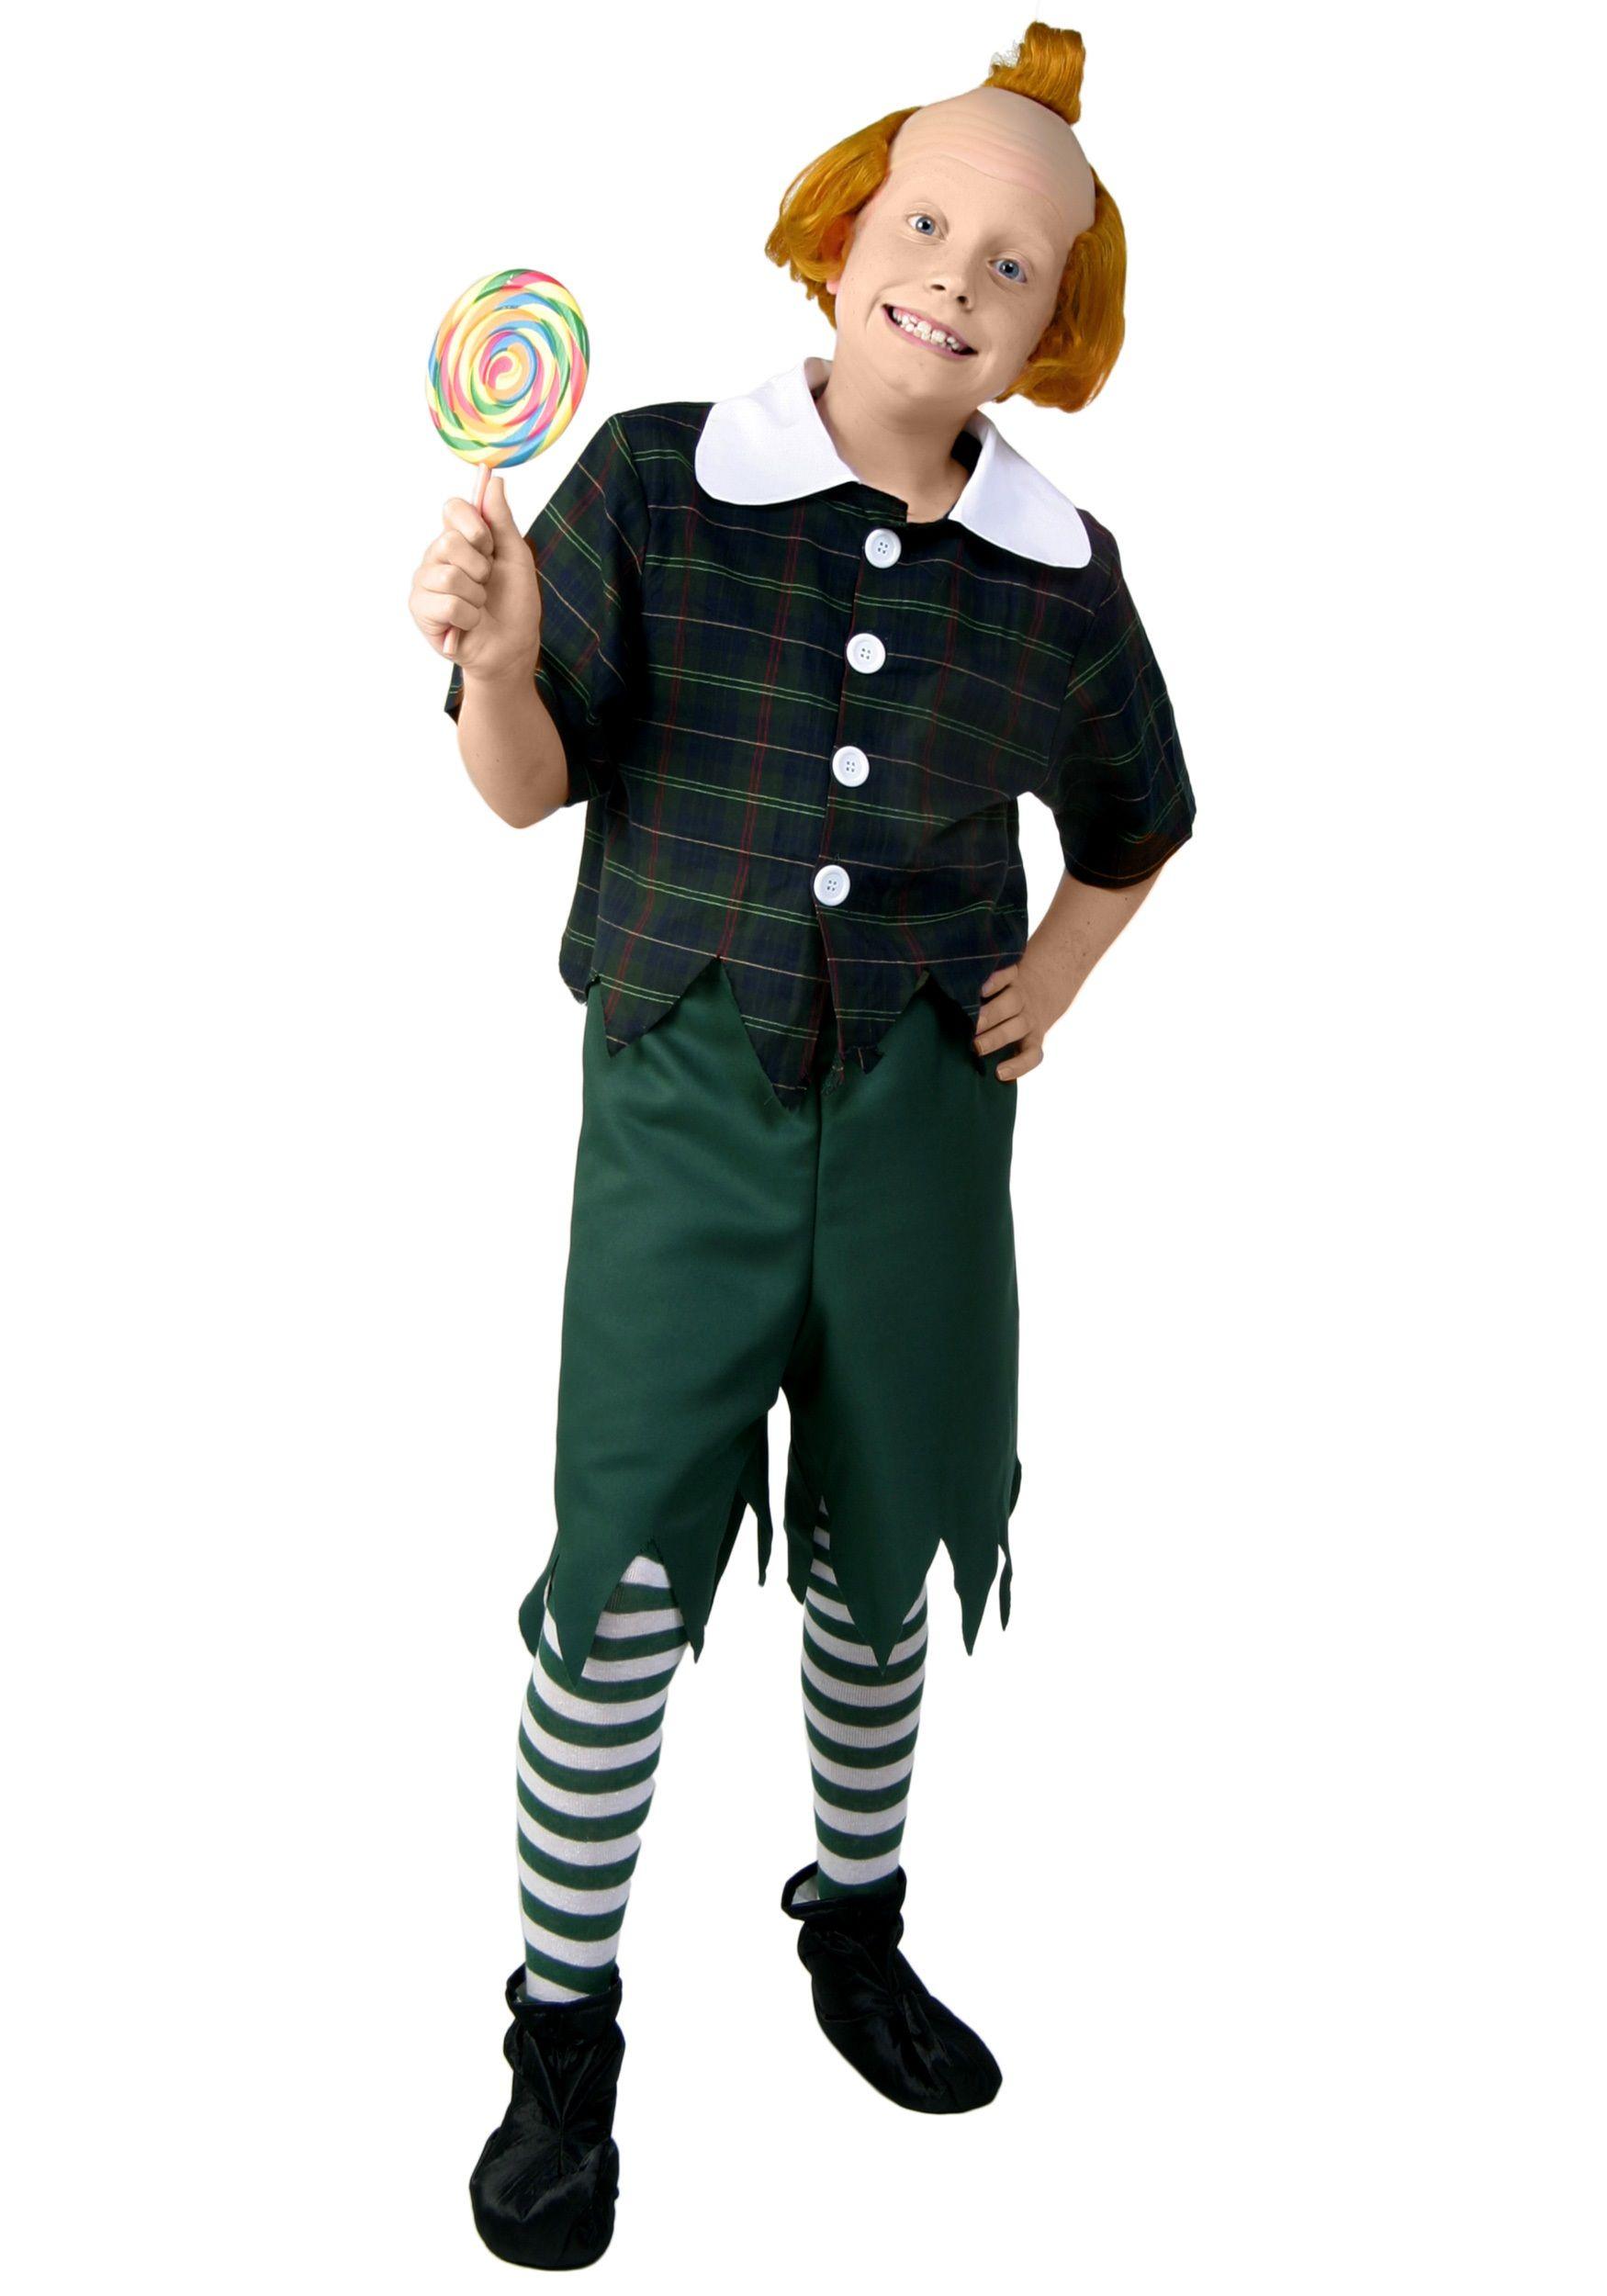 Child Munchkin Costume | Baby Halloween Costumes | Pinterest ...